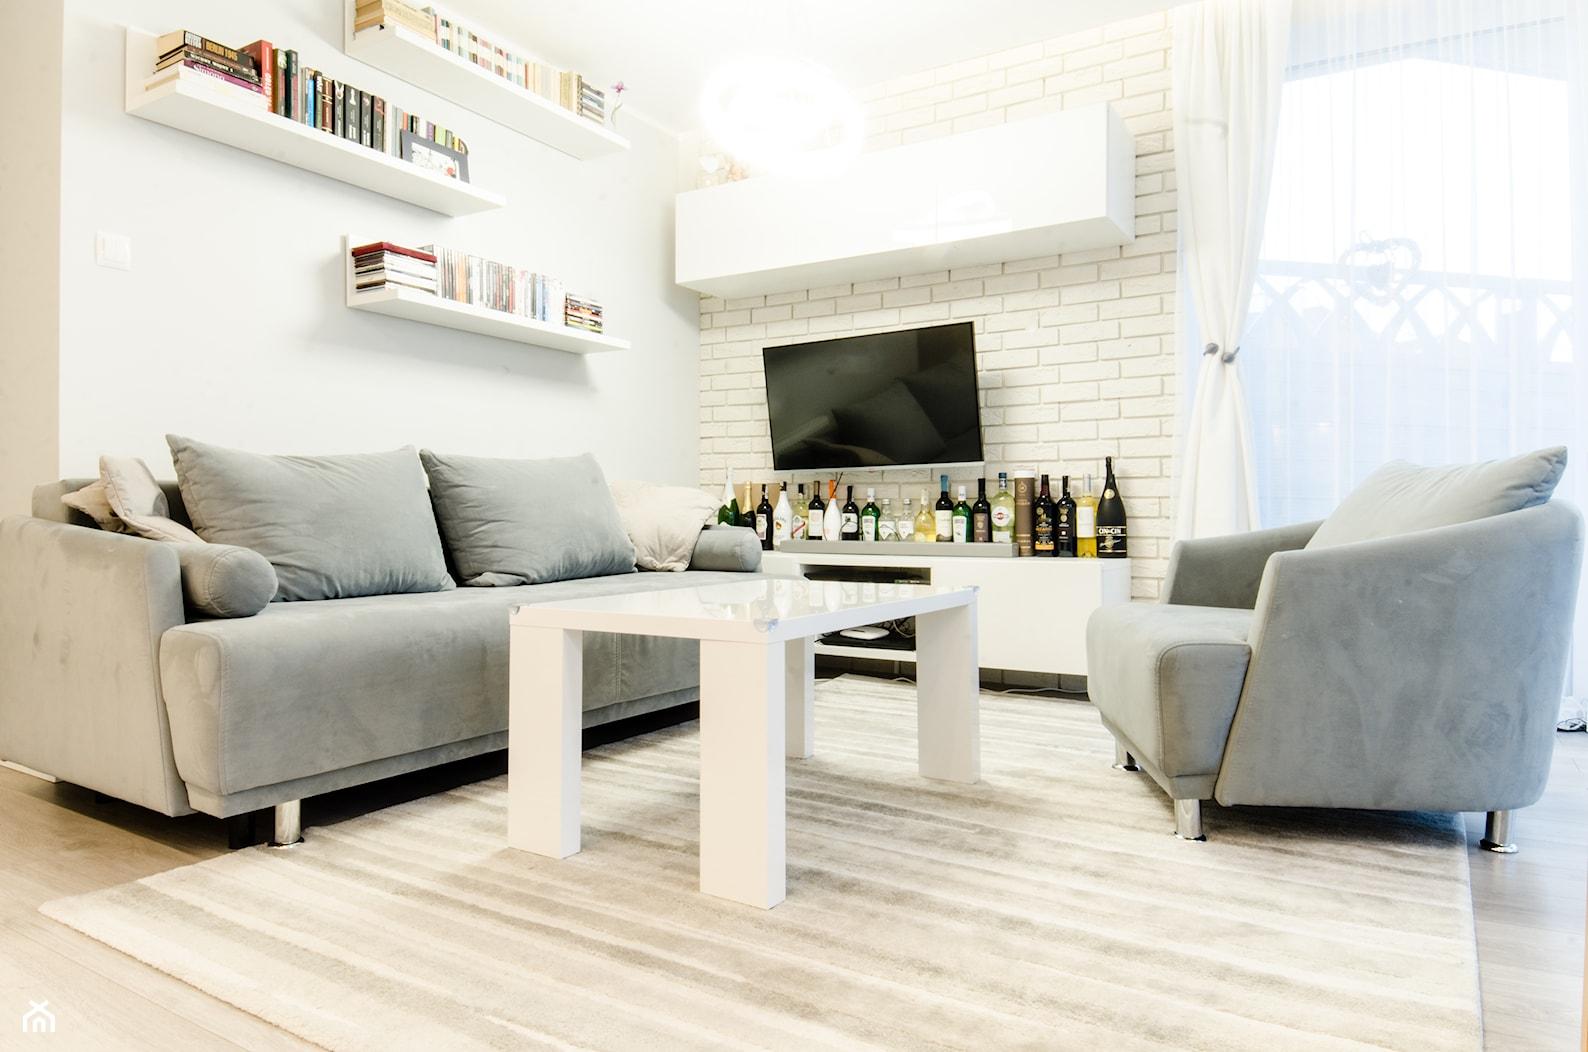 MIESZKANIE W STYLU SKANDYNAWSKIM - Mały biały salon z tarasem / balkonem, styl skandynawski - zdjęcie od BWA-STUDIO - Homebook